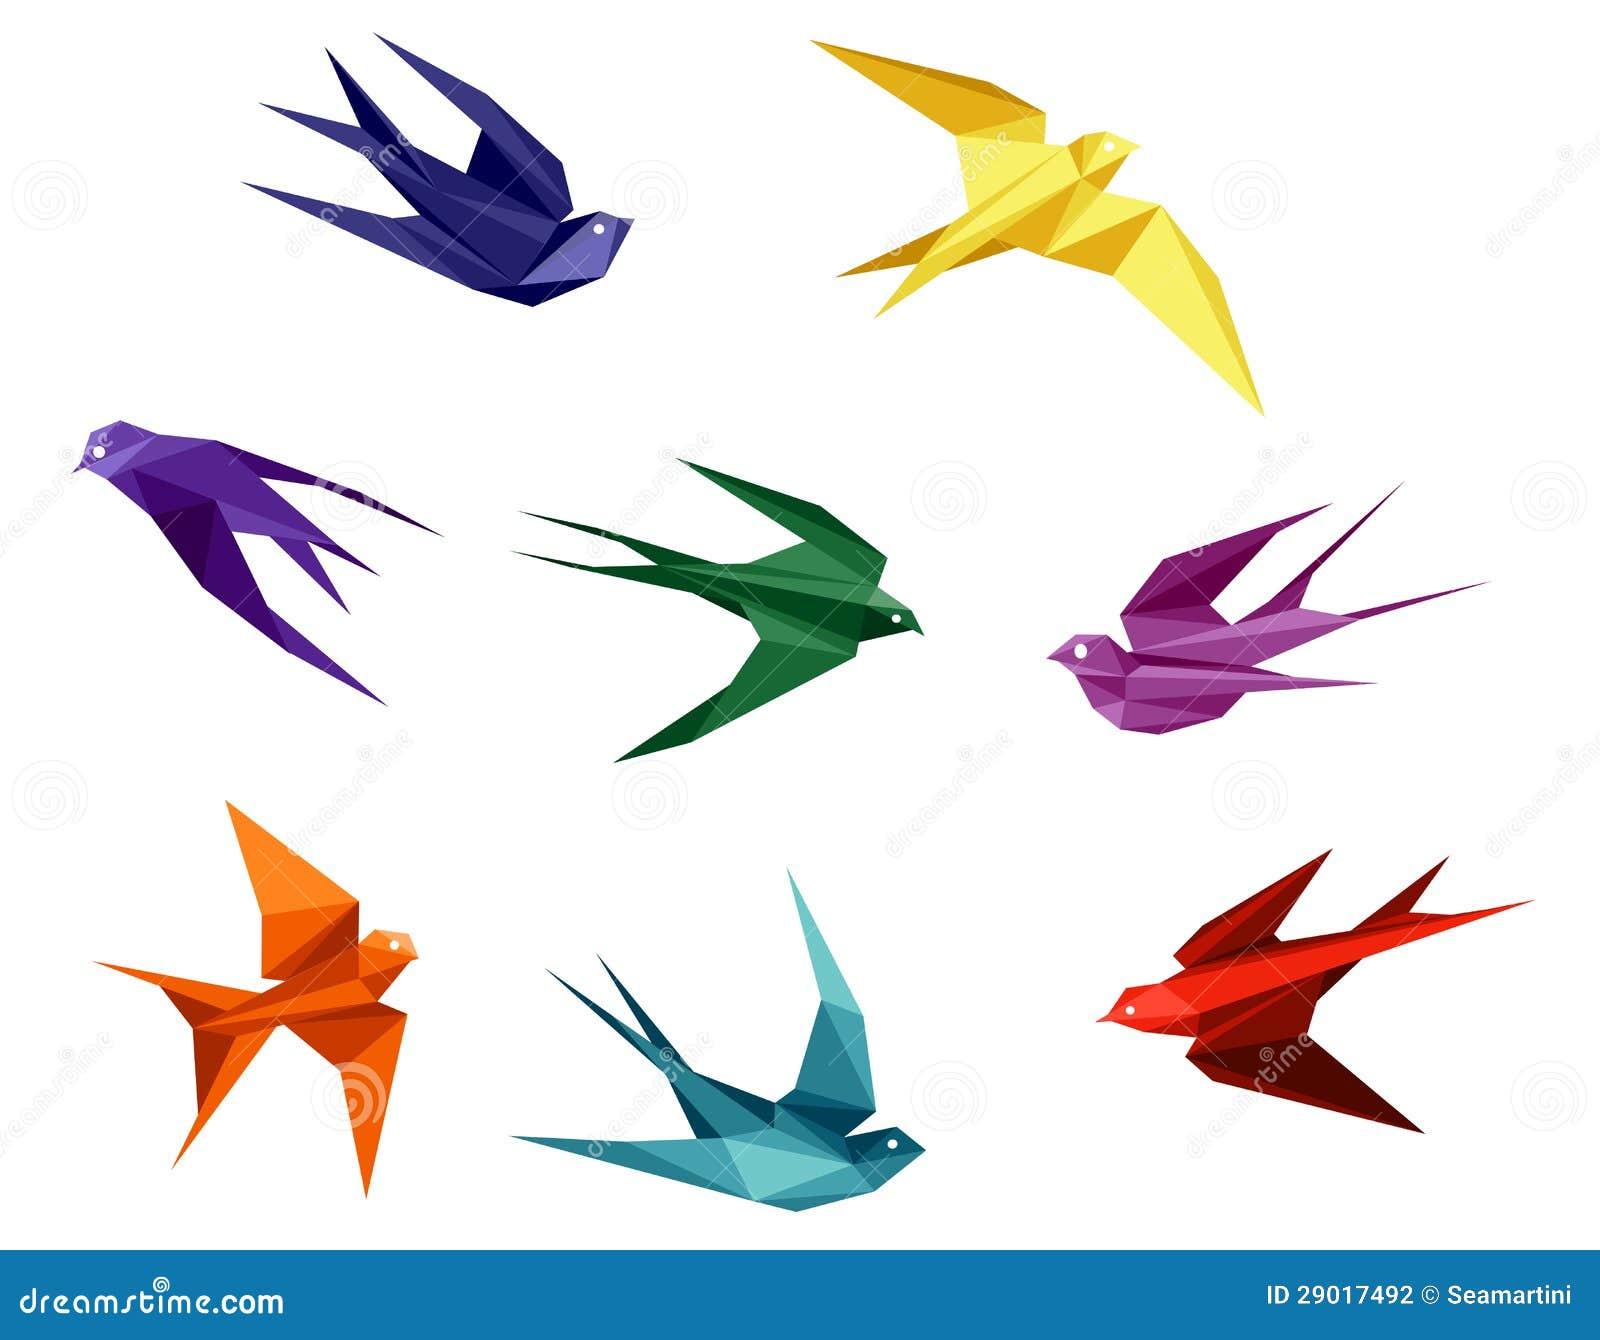 Ласточка из бумаги оригами